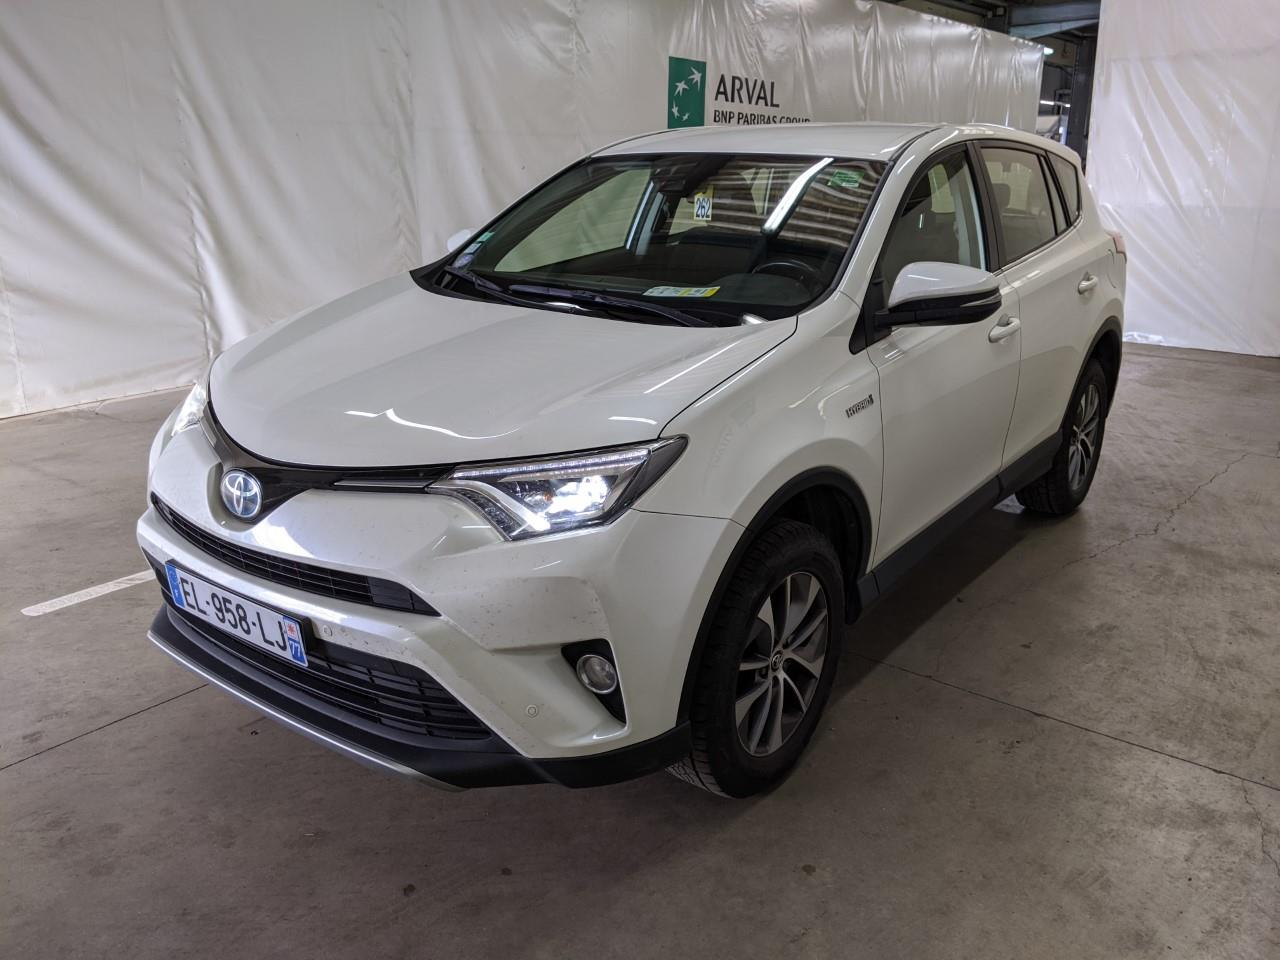 Toyota RAV 4 TOYOTA RAV4 Hybride 5p SUV Dynamic TSS Business